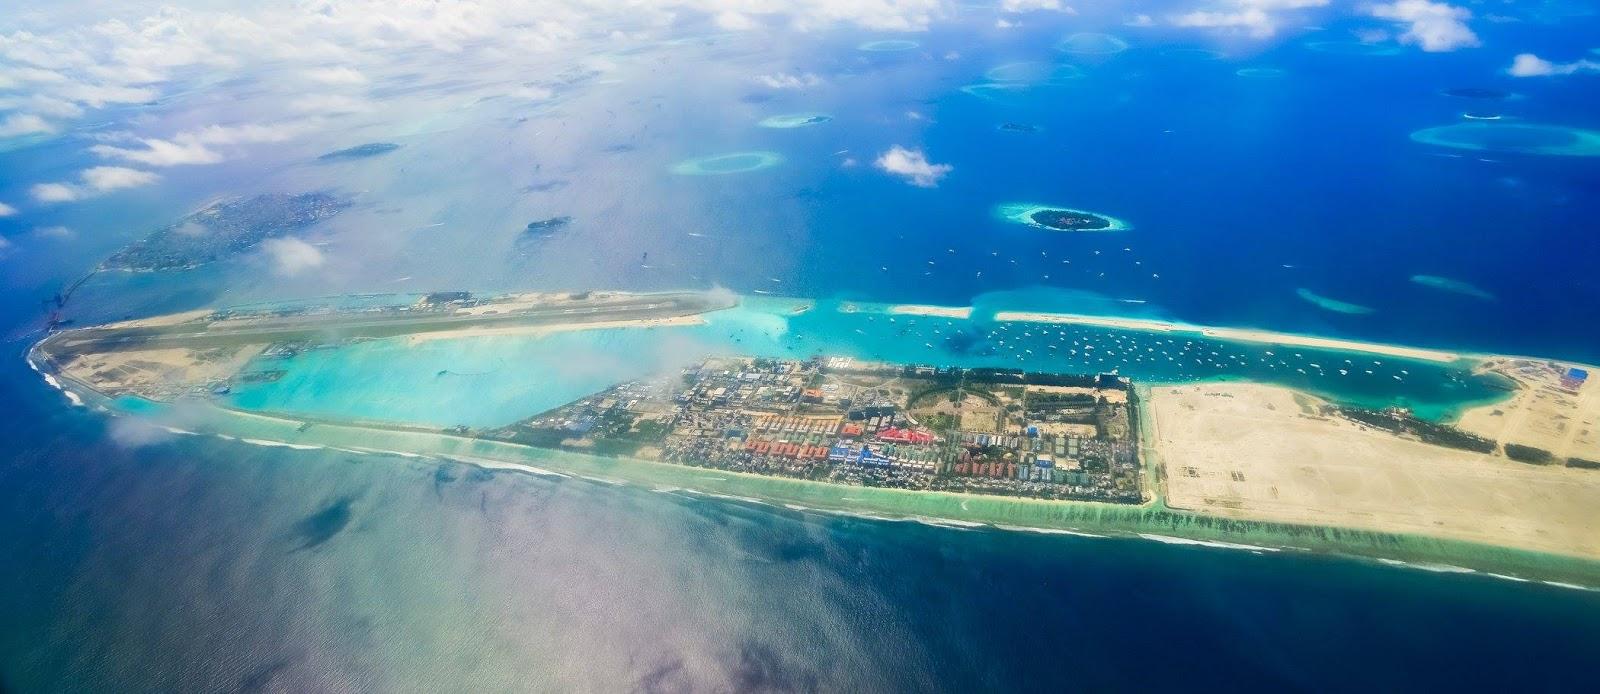 каждом дворе фото острова хулхумале сверху цветовая гамма сочетает